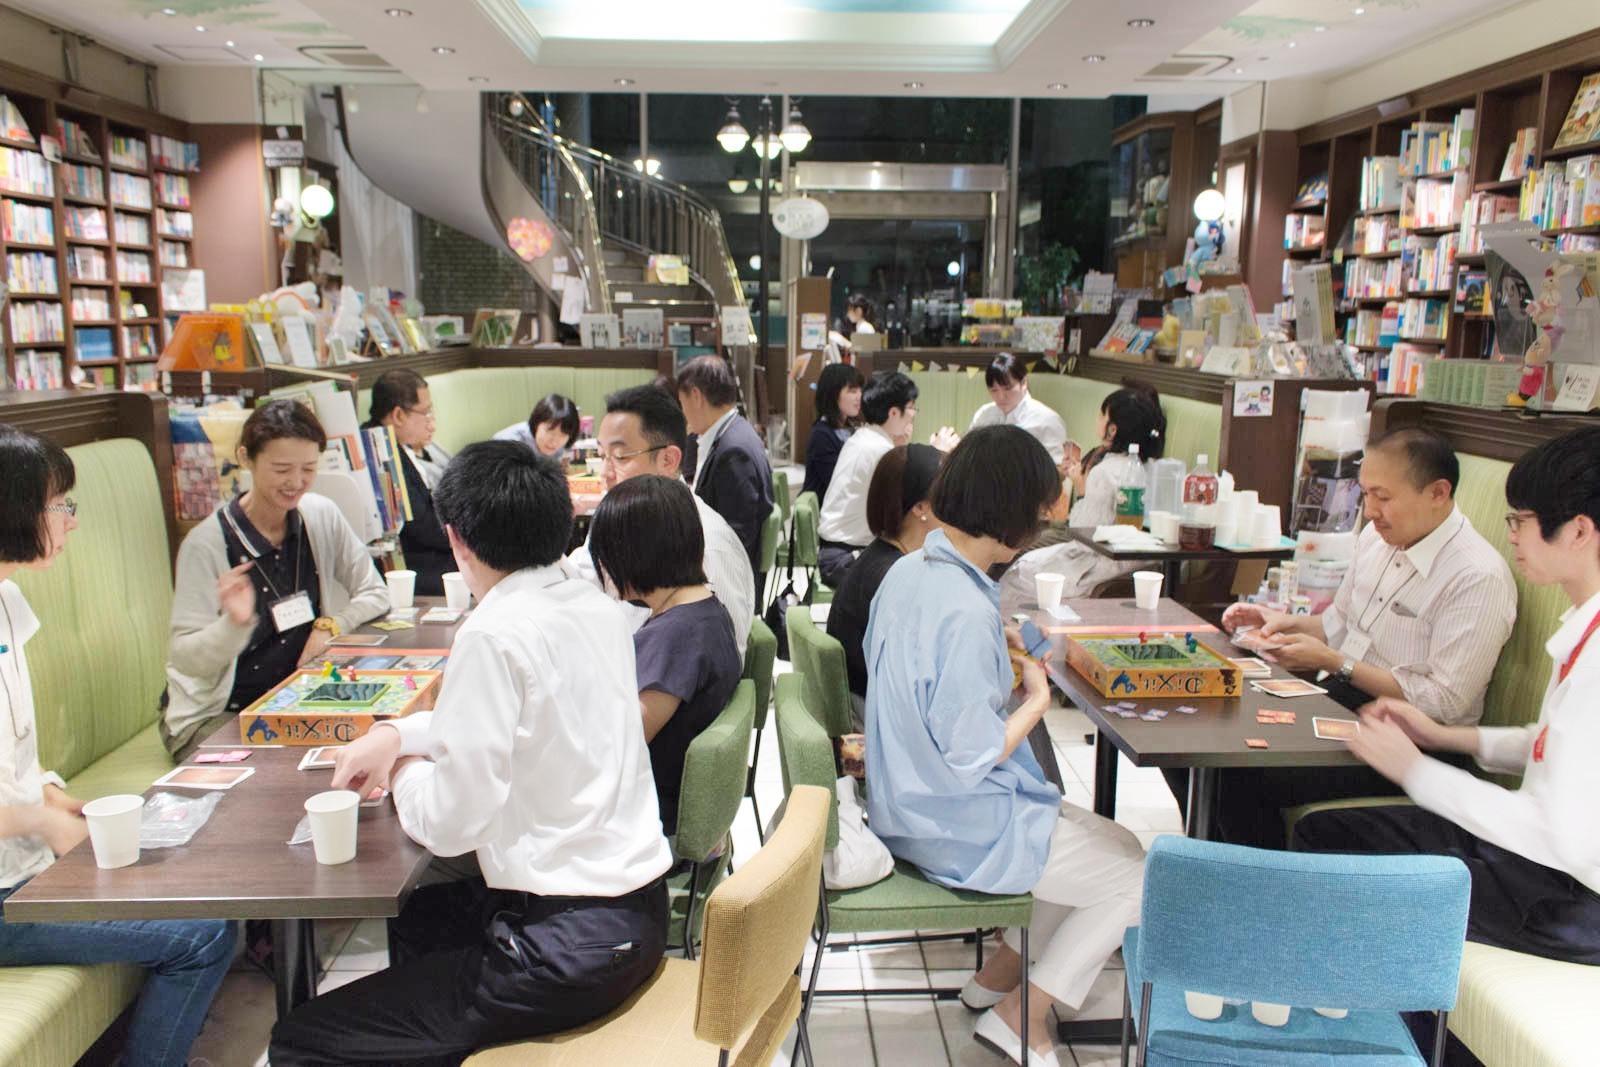 2019年7月5日の絵本屋さんボードゲーム会第2回の様子